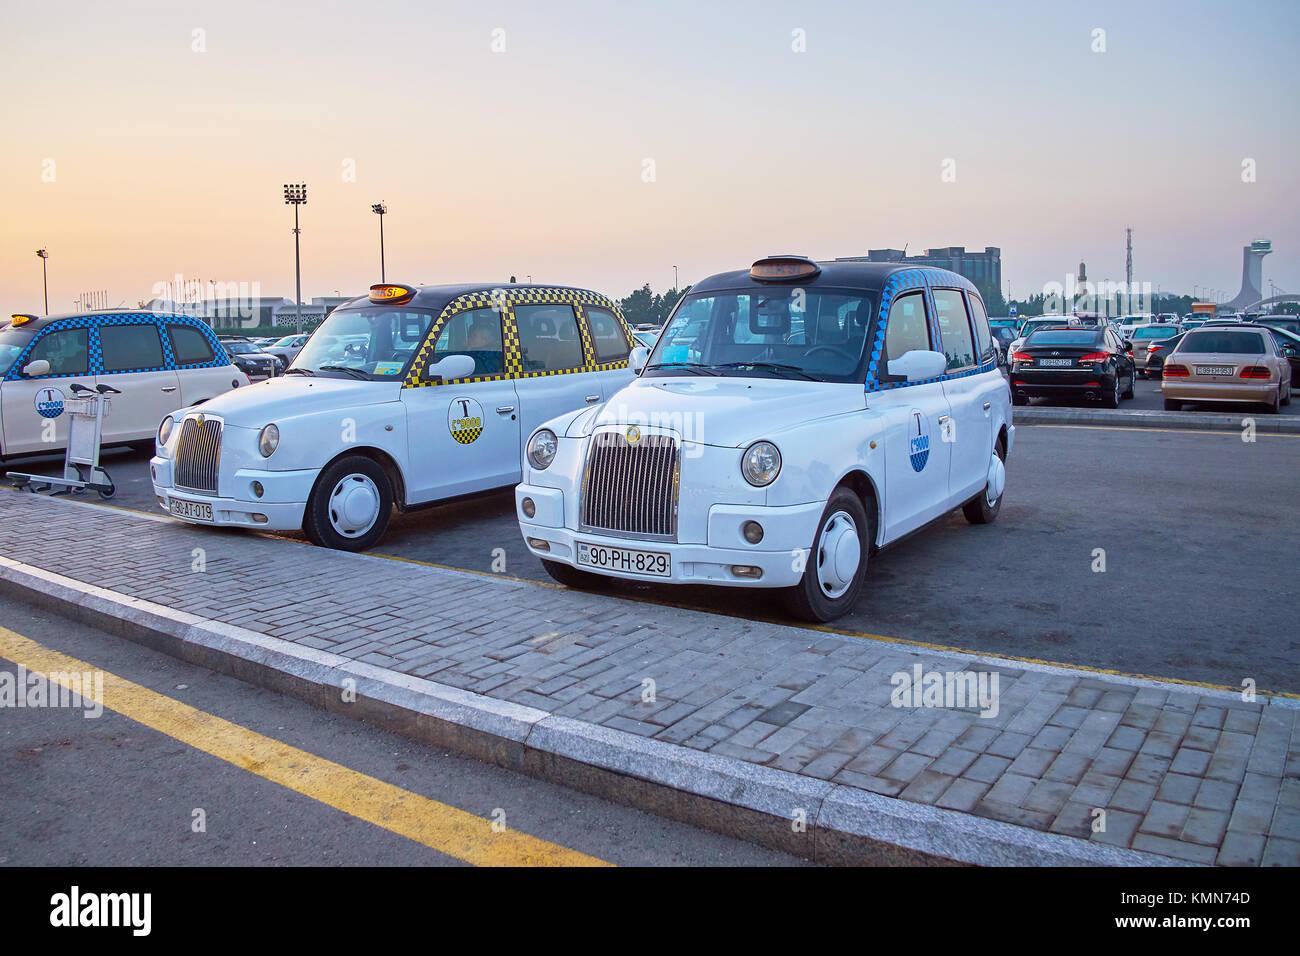 BINA, Aserbaidschan - OKTOBER 9, 2017: Klassische London cab ist der beste Weg nach Baku zu erhalten, wenn sie Komfort Stockbild